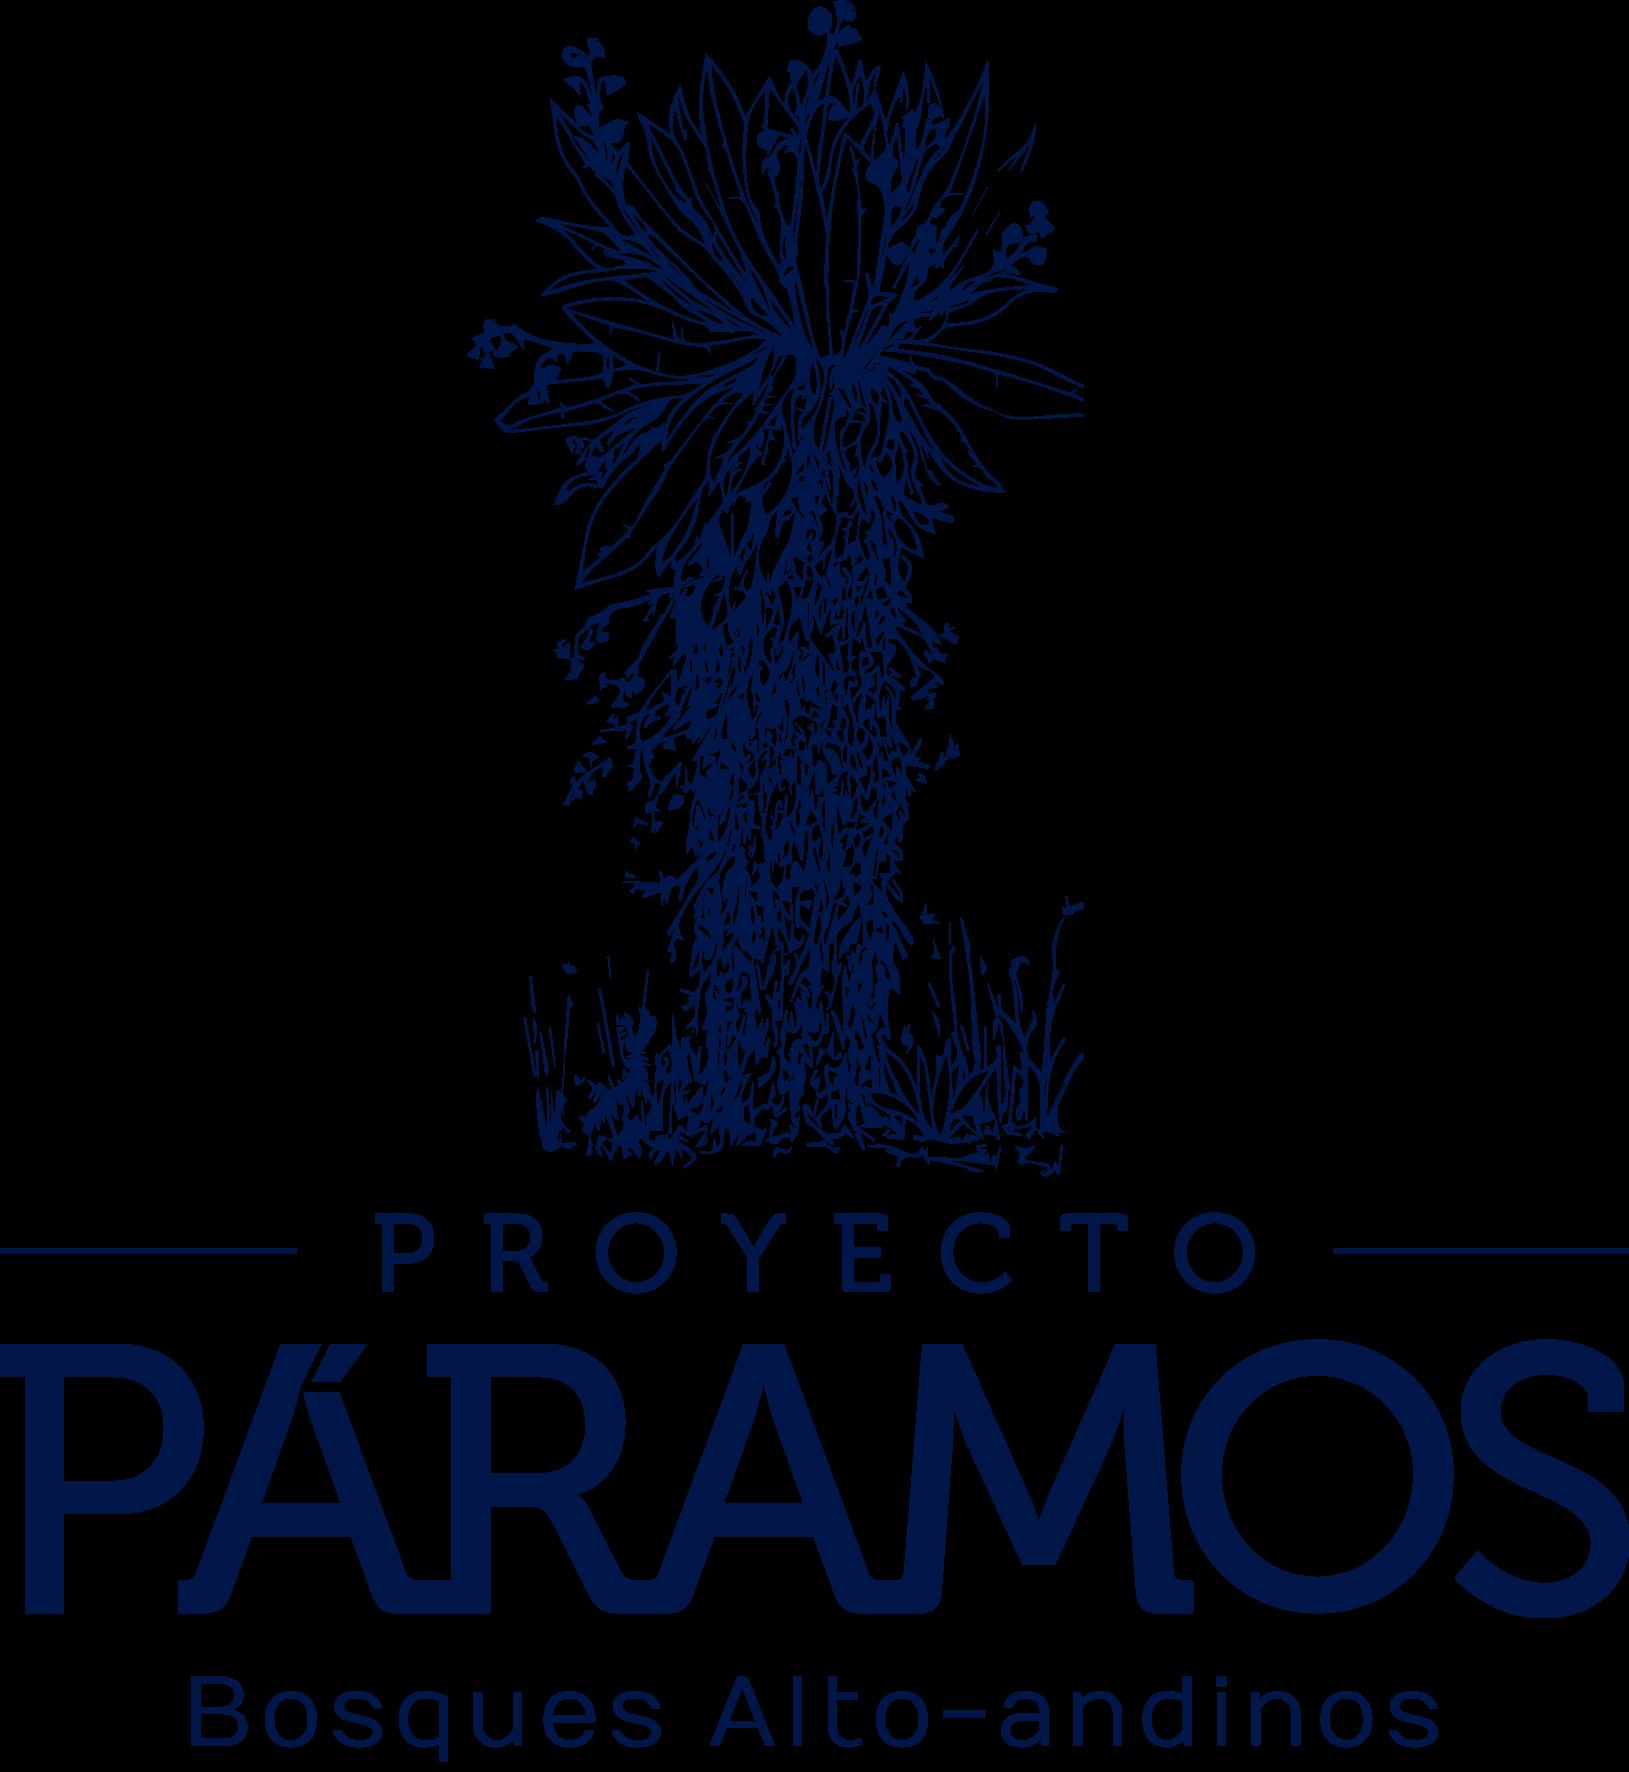 Proyecto Páramos